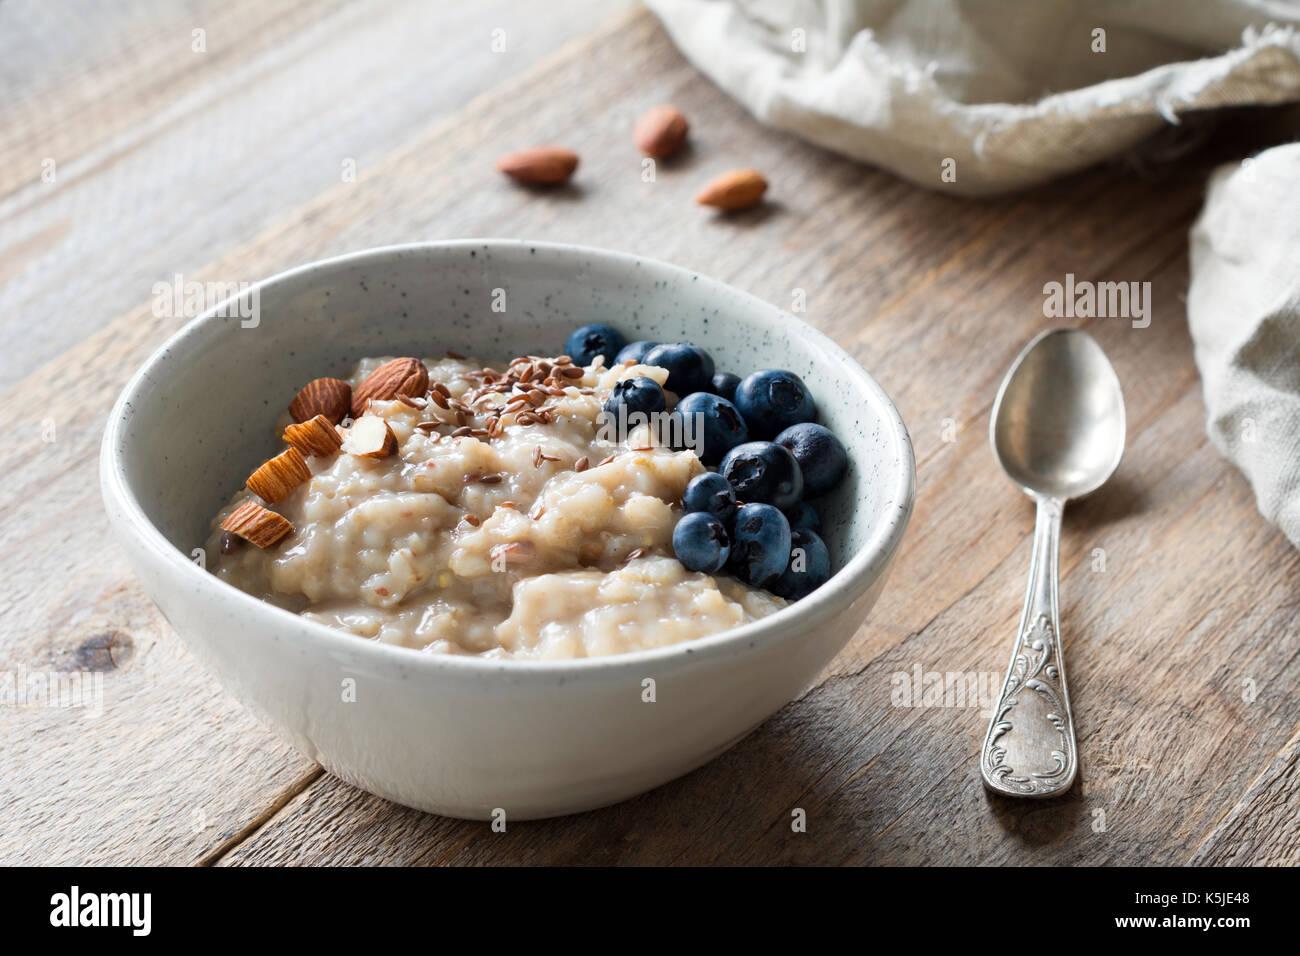 Farina di avena porridge con mirtilli, mandorle, i semi di lino nella ciotola sul tavolo di legno. super alimenti per una sana colazione nutriente Immagini Stock